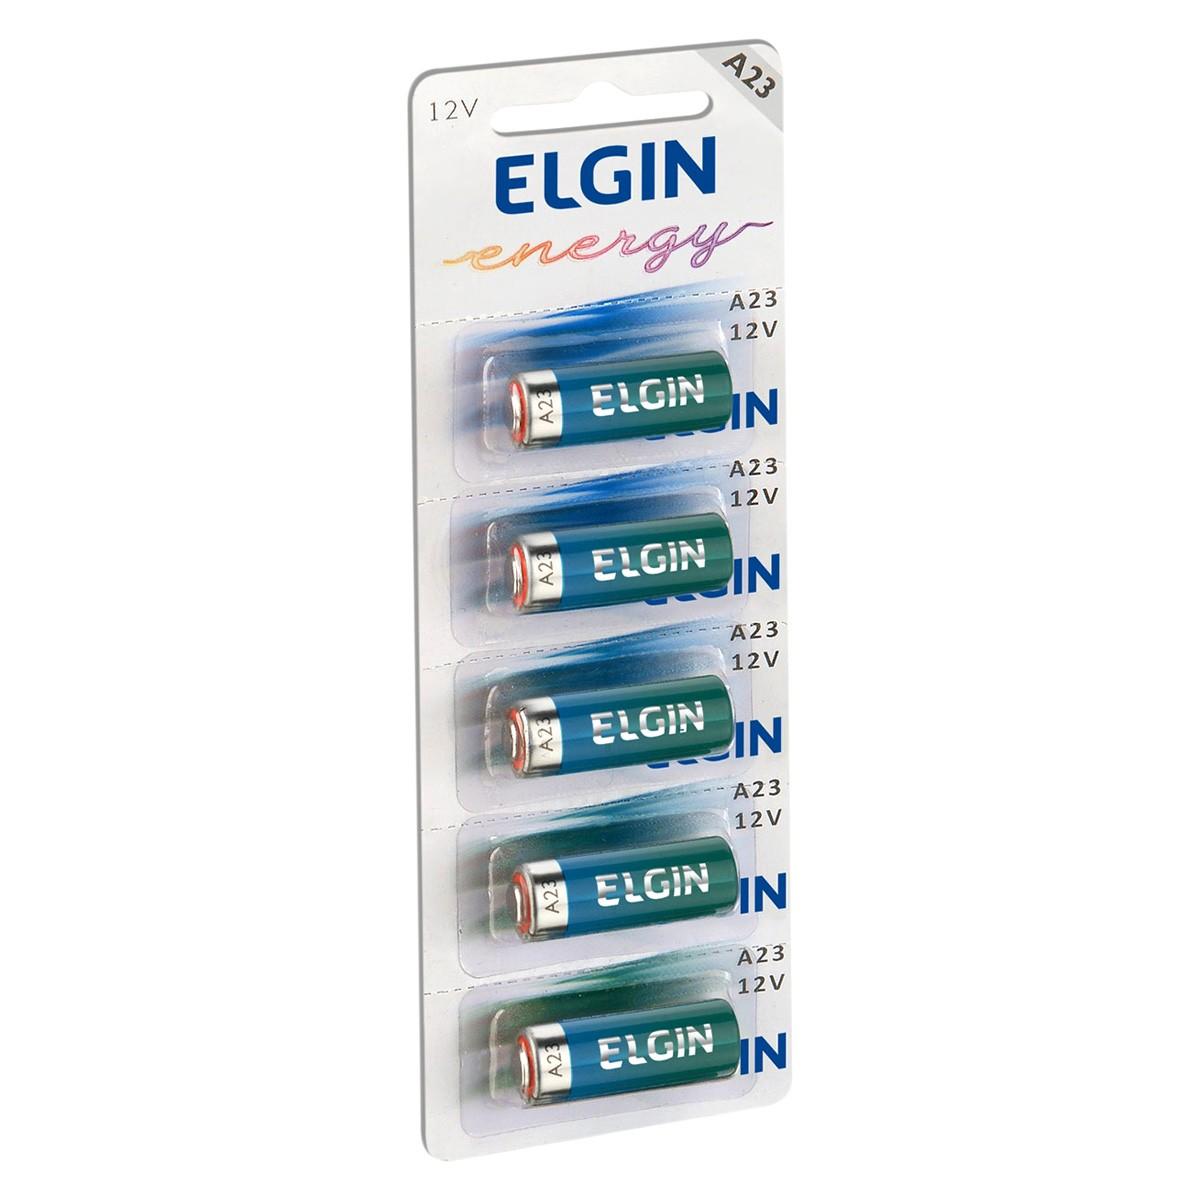 20 Pilhas Baterias ELGIN 23A 12V A23 Alcalina 4 cartelas